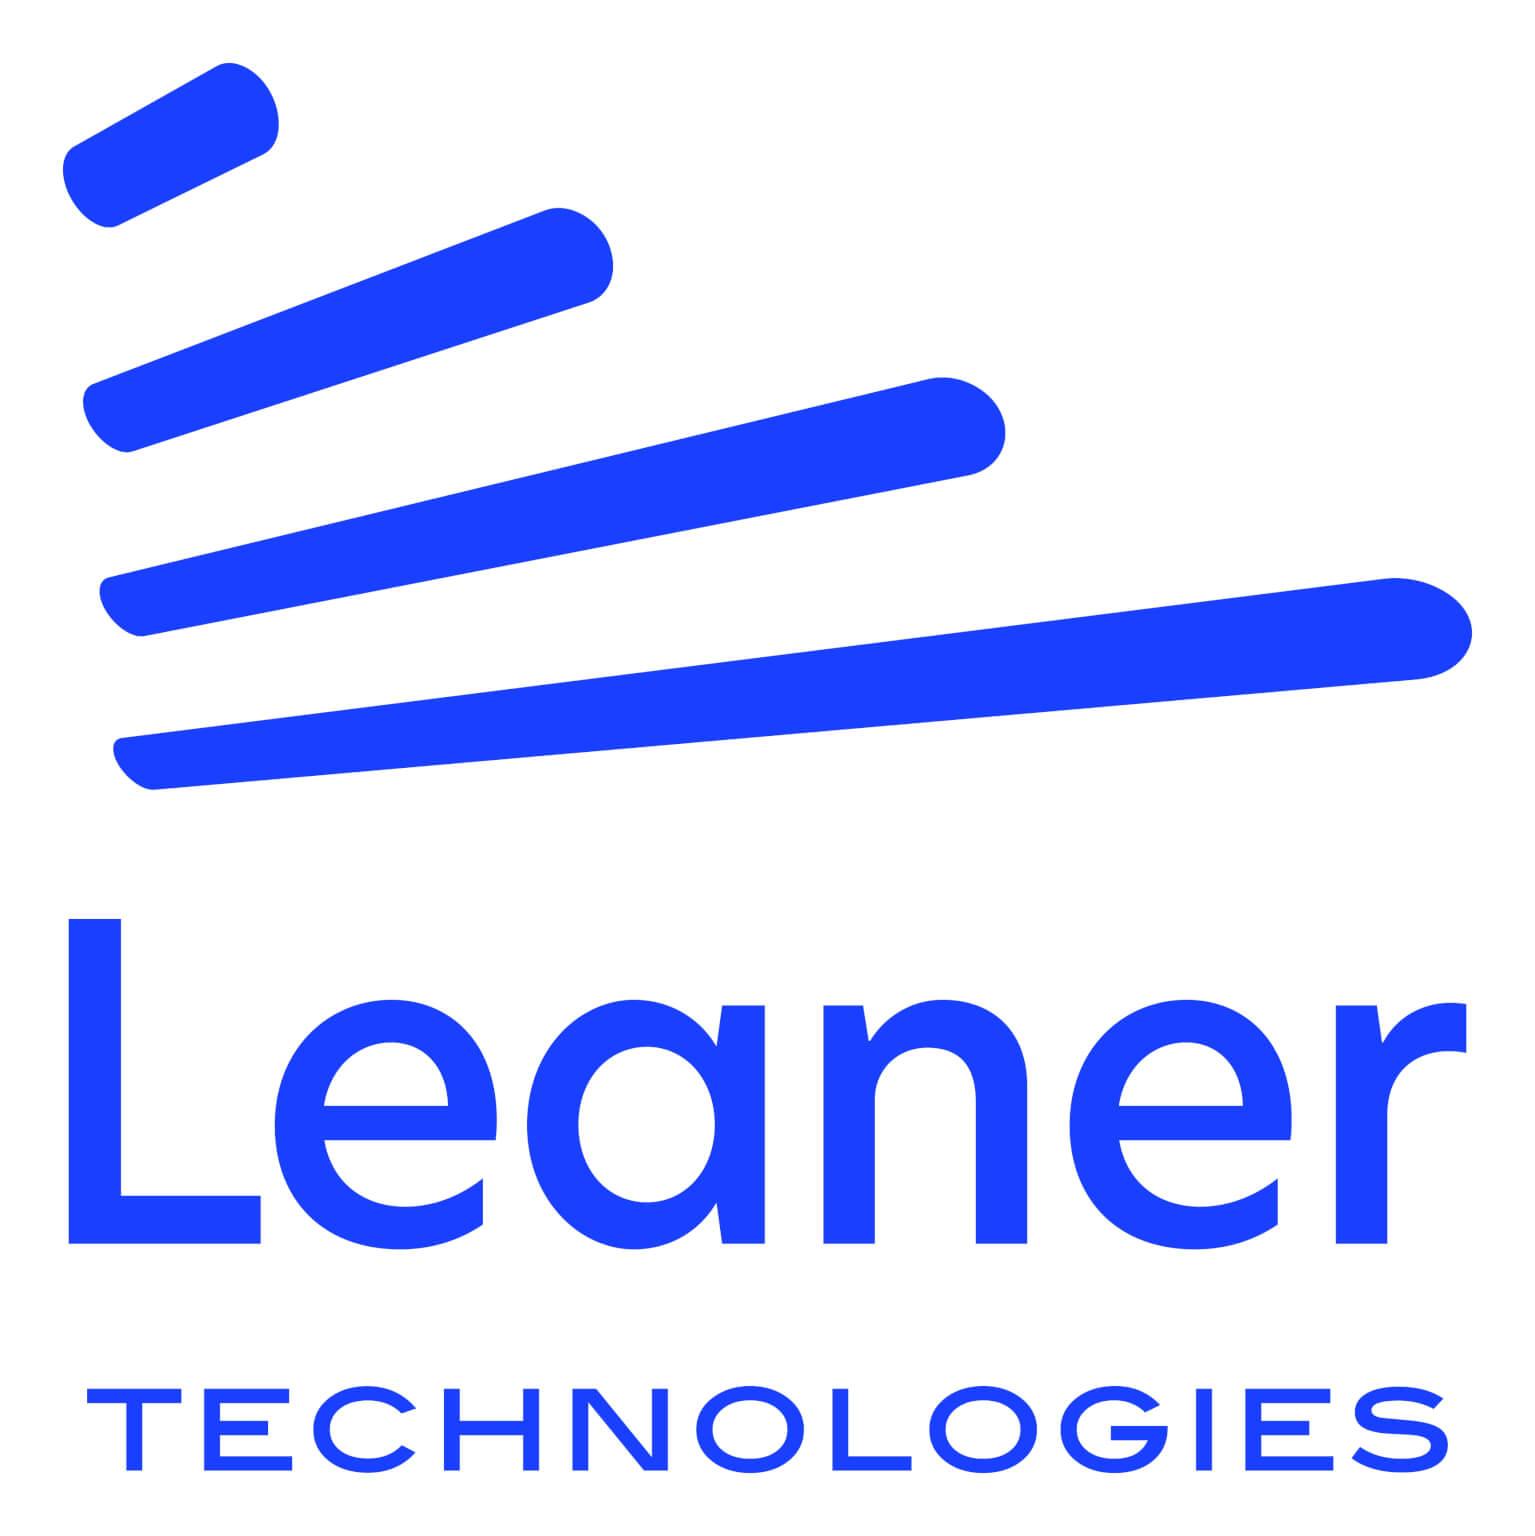 Leaner Technologies